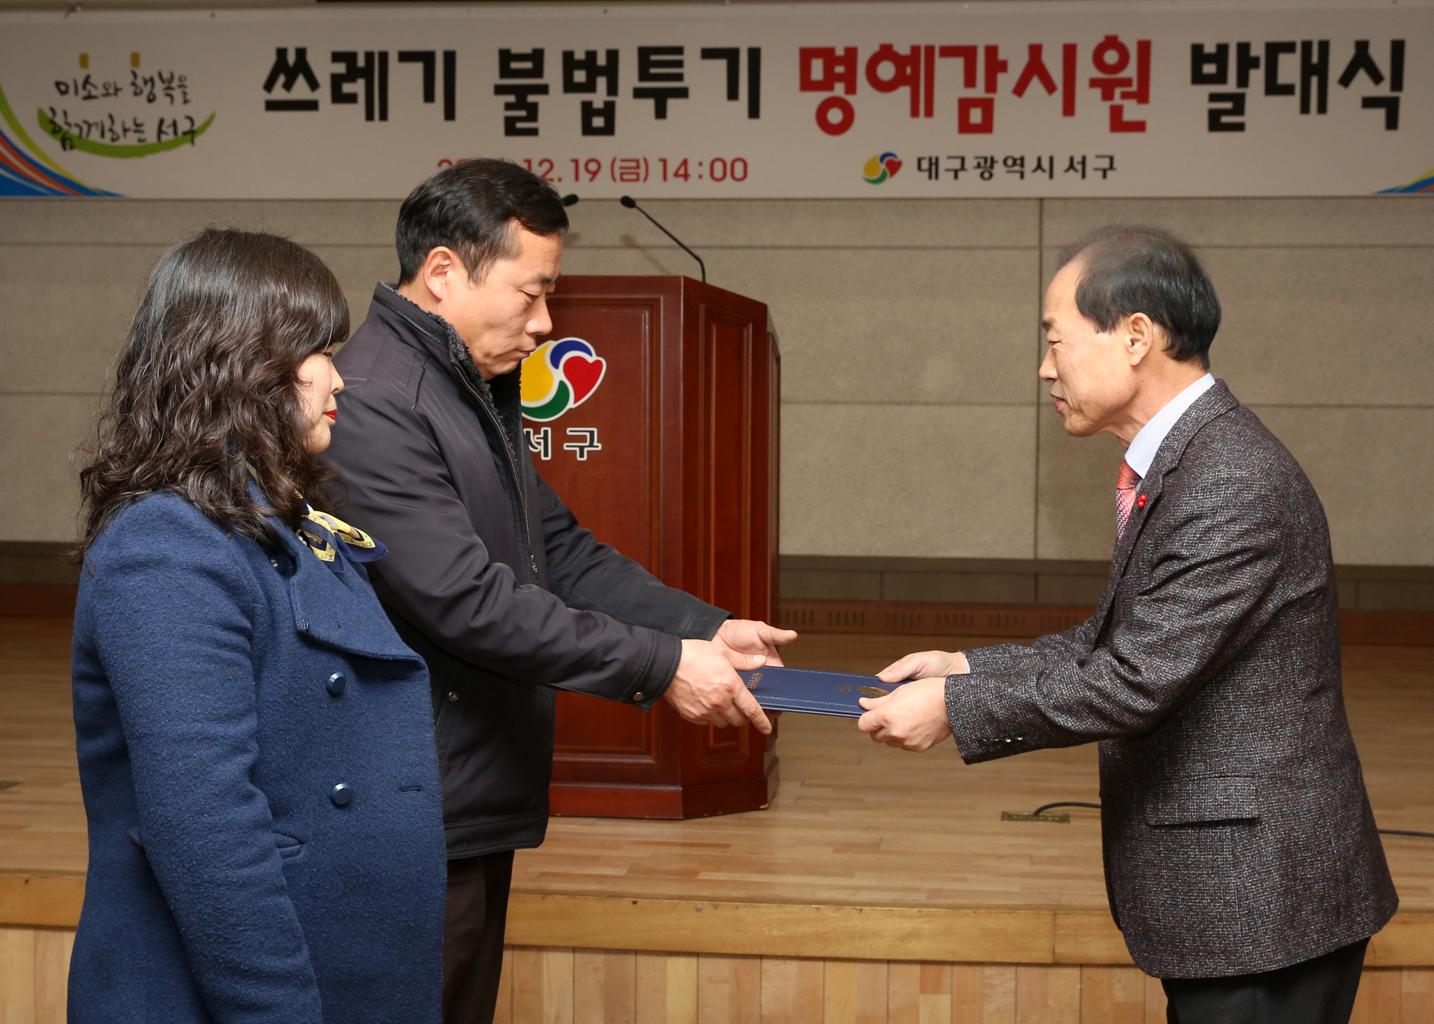 쓰레기 불법투기 명예감시원 발대식 (12.19. 구민홀)